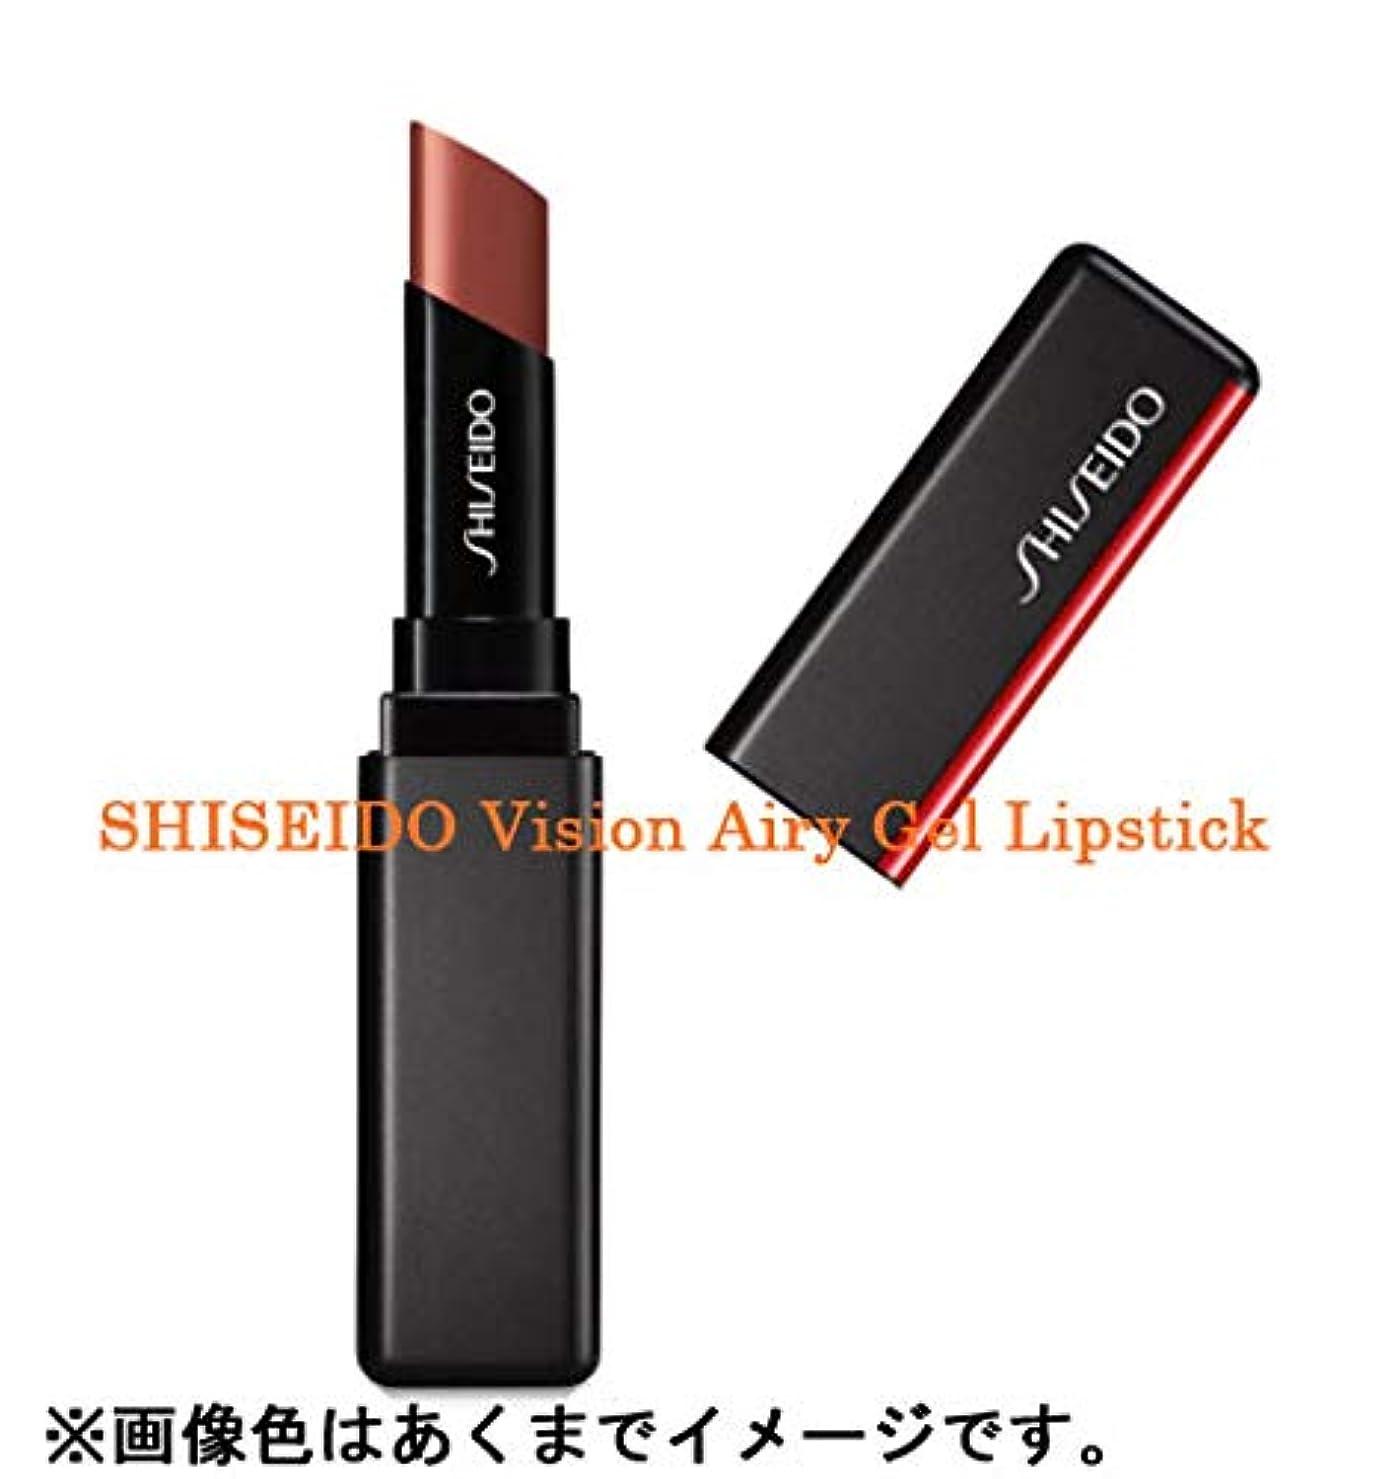 シティ太鼓腹リルSHISEIDO Makeup(資生堂 メーキャップ) SHISEIDO(資生堂) SHISEIDO ヴィジョナリー ジェルリップスティック 1.6g (201)